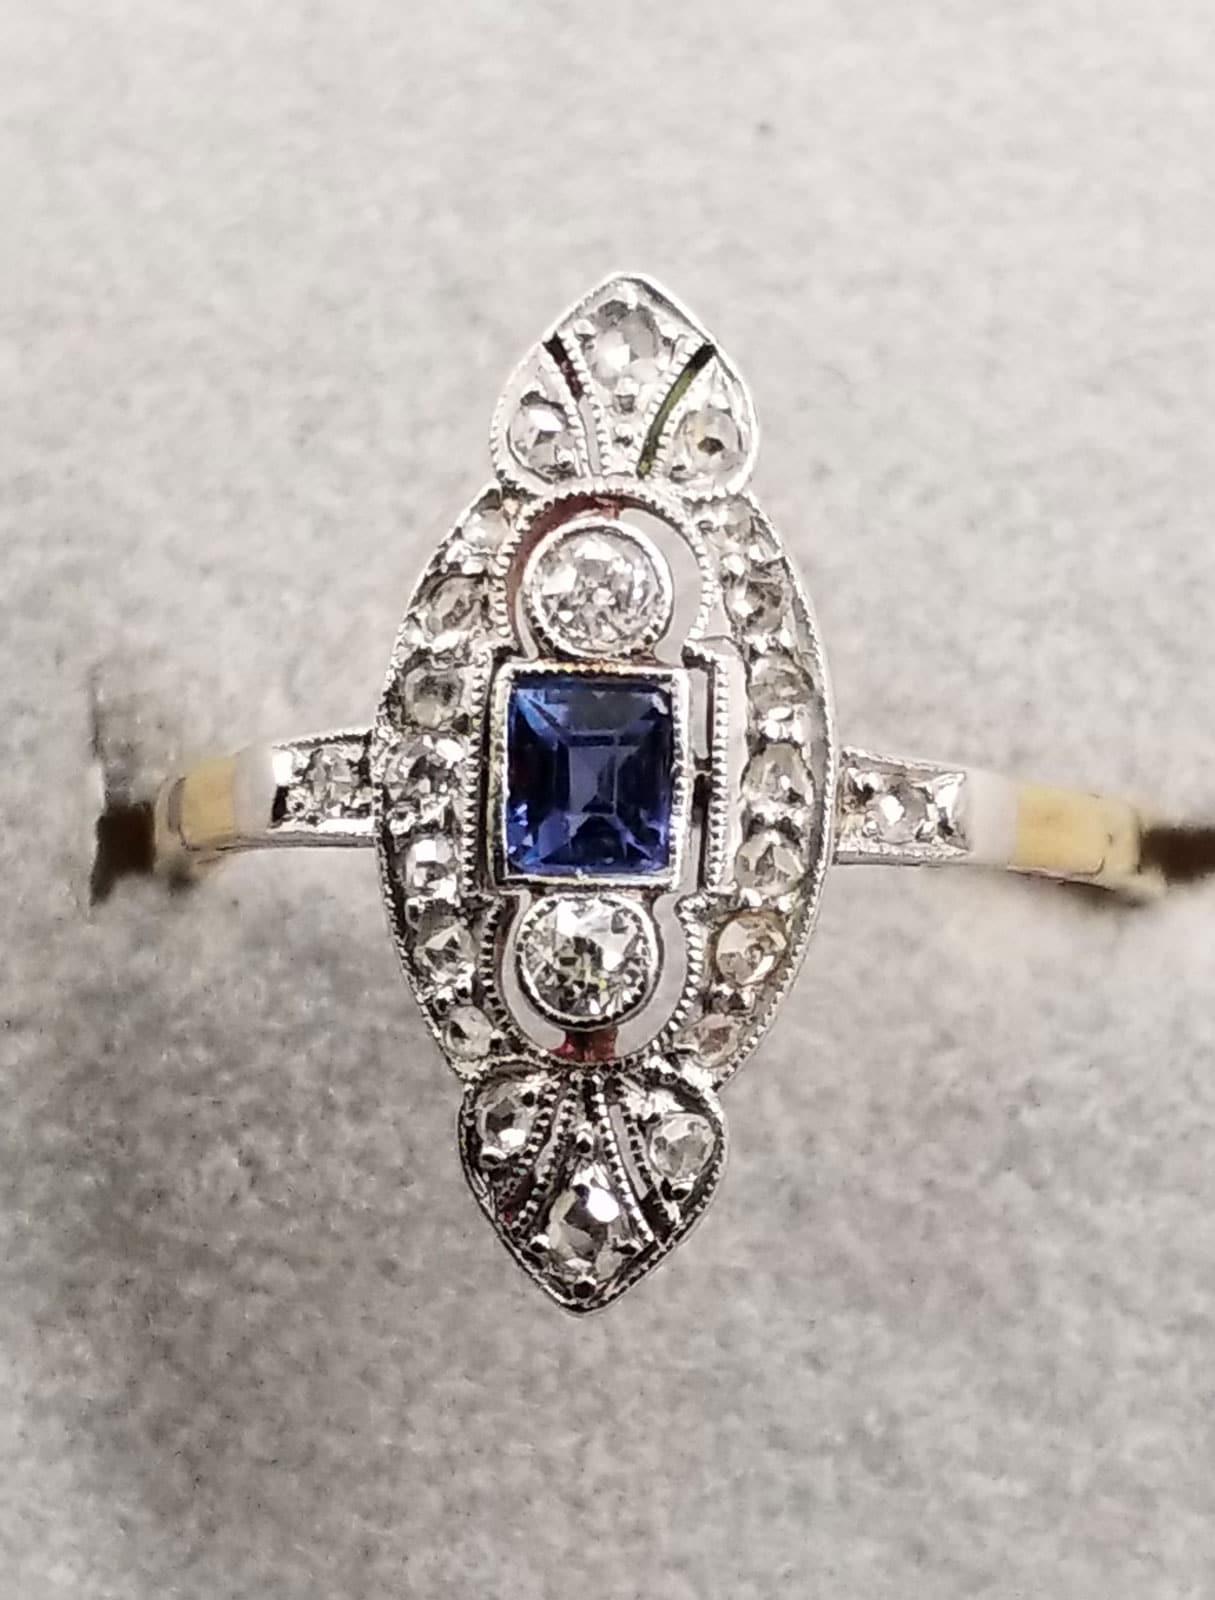 Antragsring Retro Gelbgold 585/- Safir und Diamanten